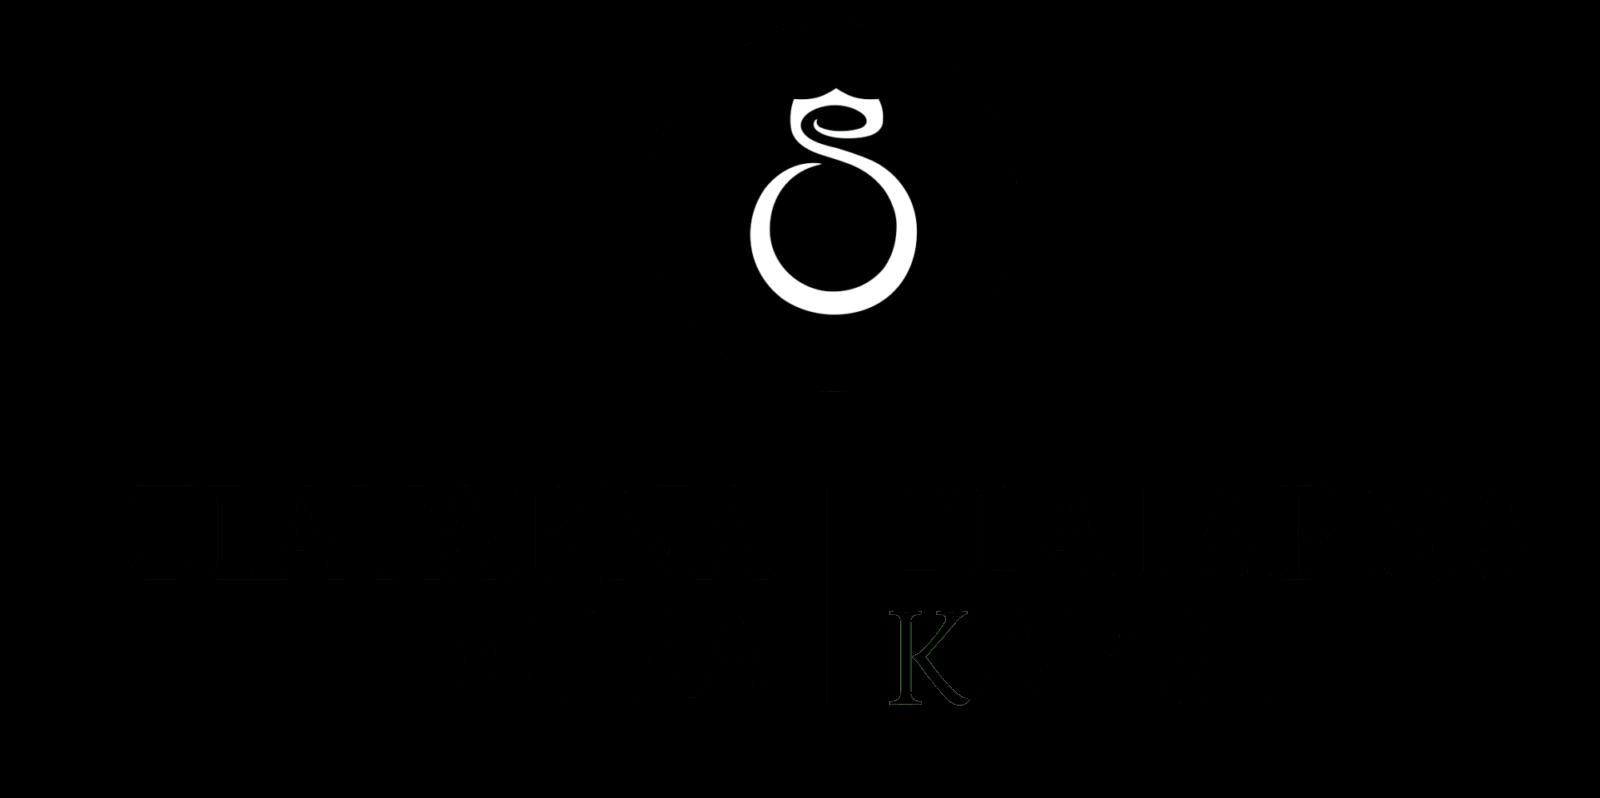 Logotip Zlatarna Aura in Karat najnovejši črno beli na transparentni podlagi 1 - Nuša in Poskočni pričarali prvi sneg